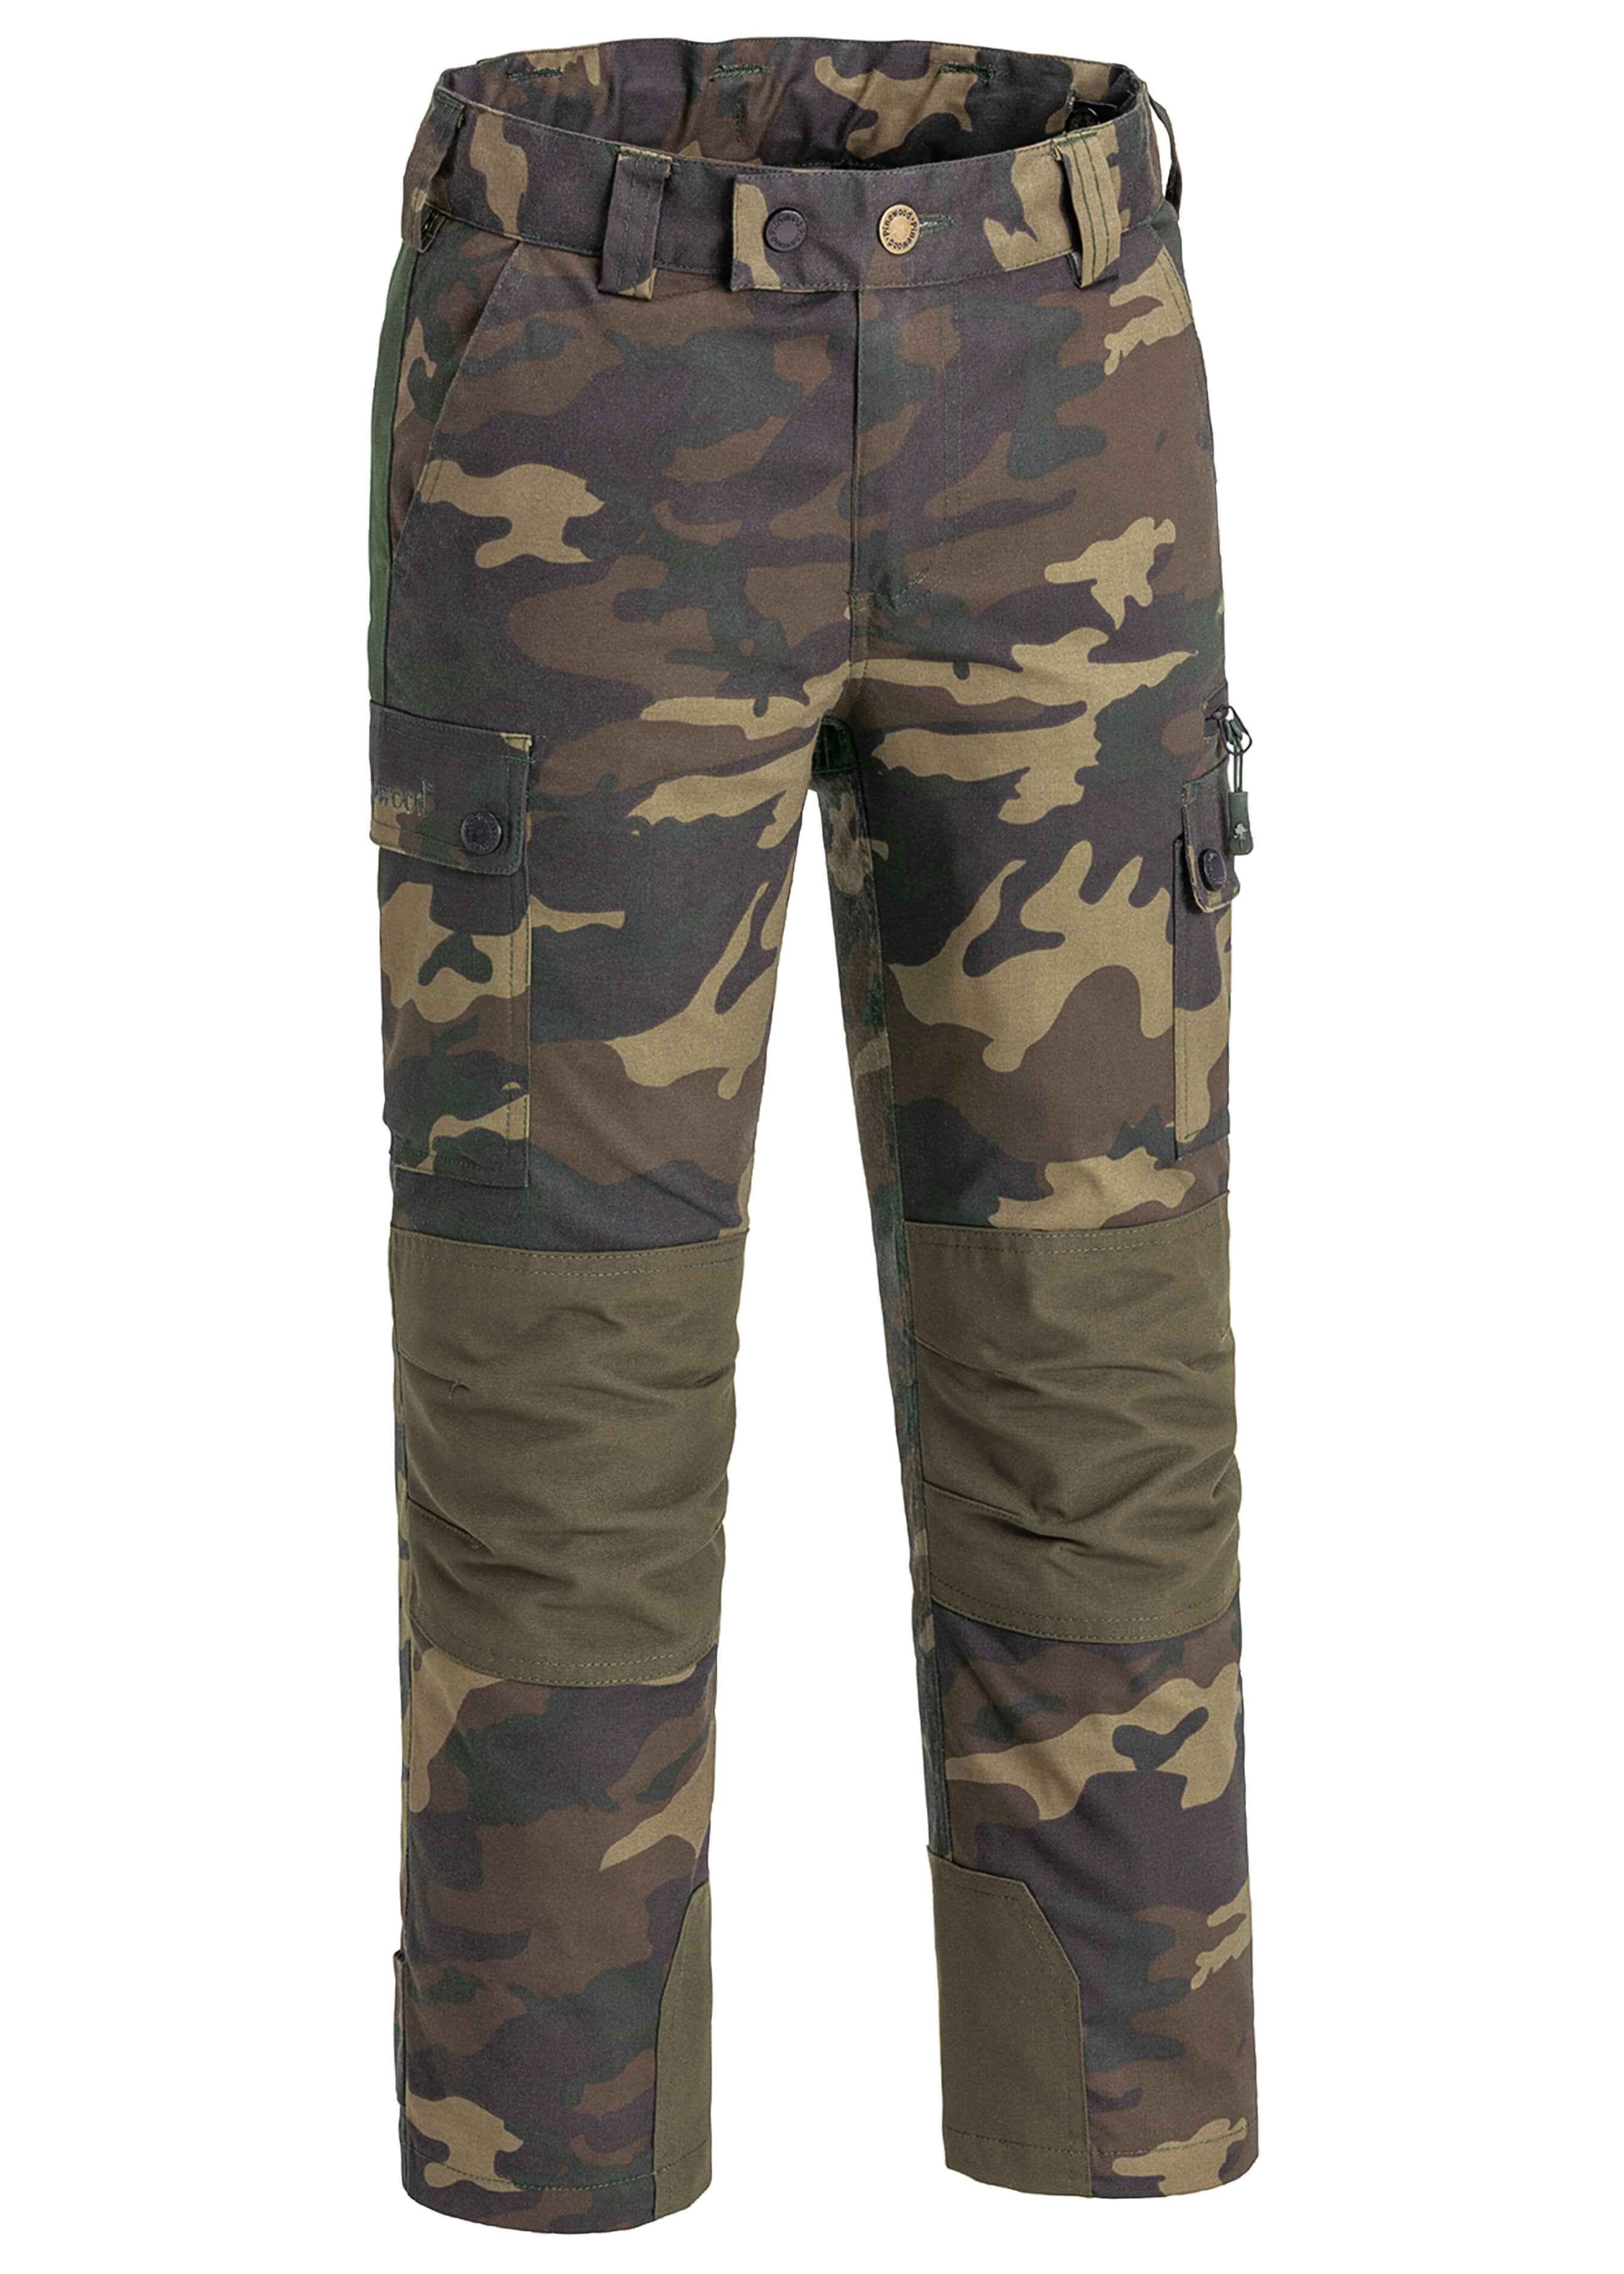 Pantalon d'extérieur robuste Camou pour enfants 268724116 1